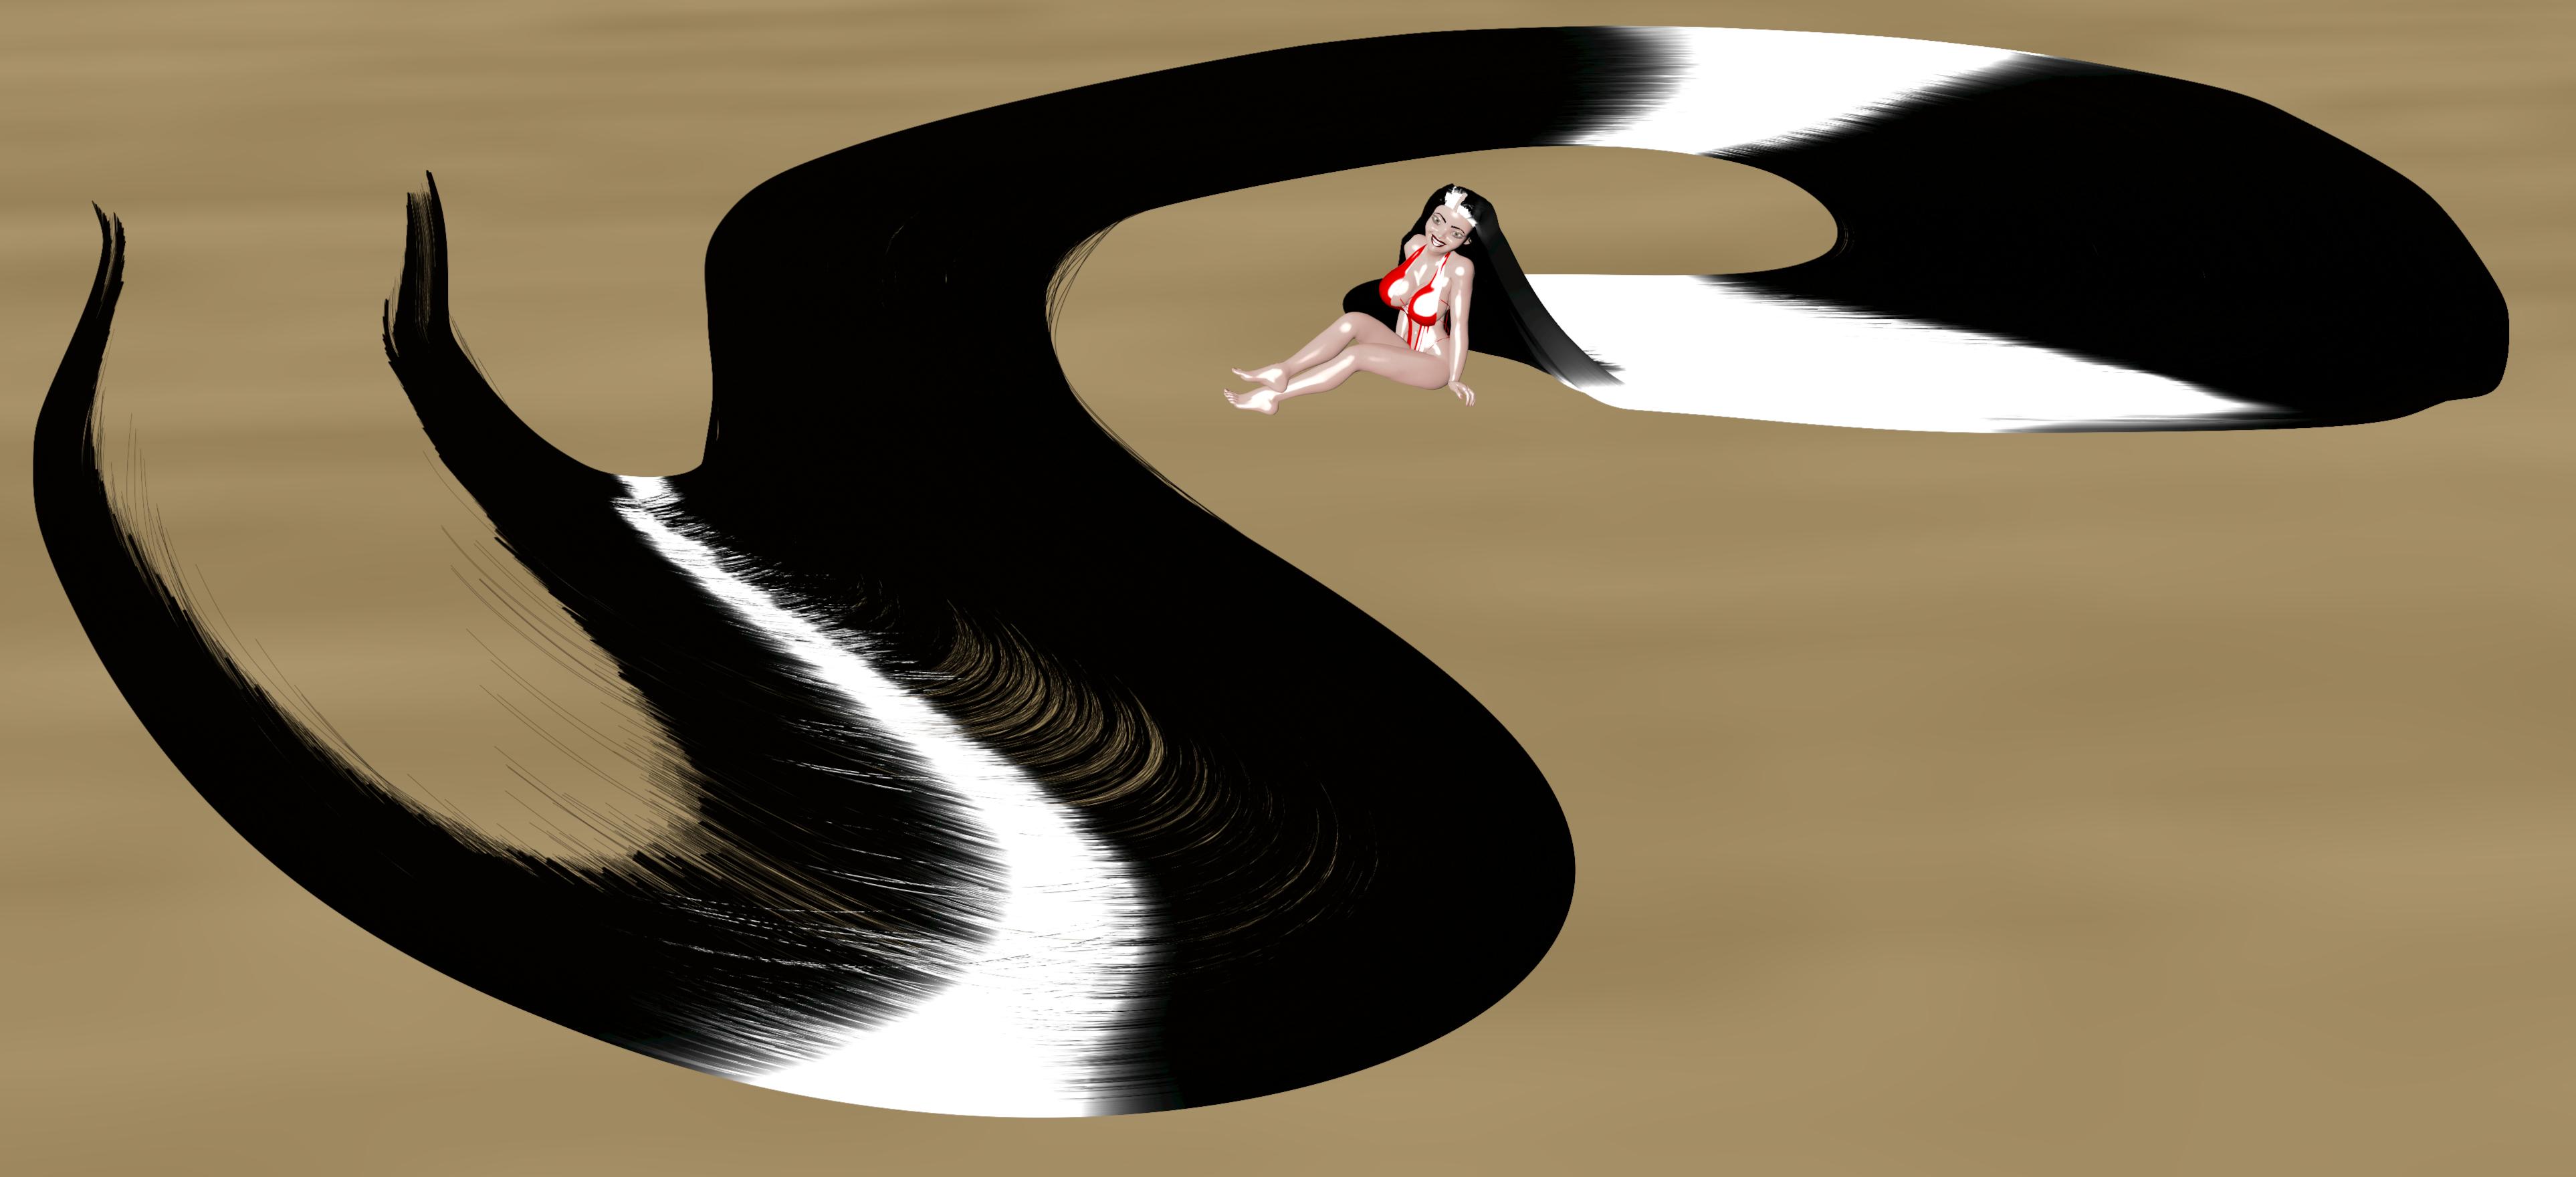 Rapunzel Girl and her Hair Swirl by MrHaroldG2000 on DeviantArt.